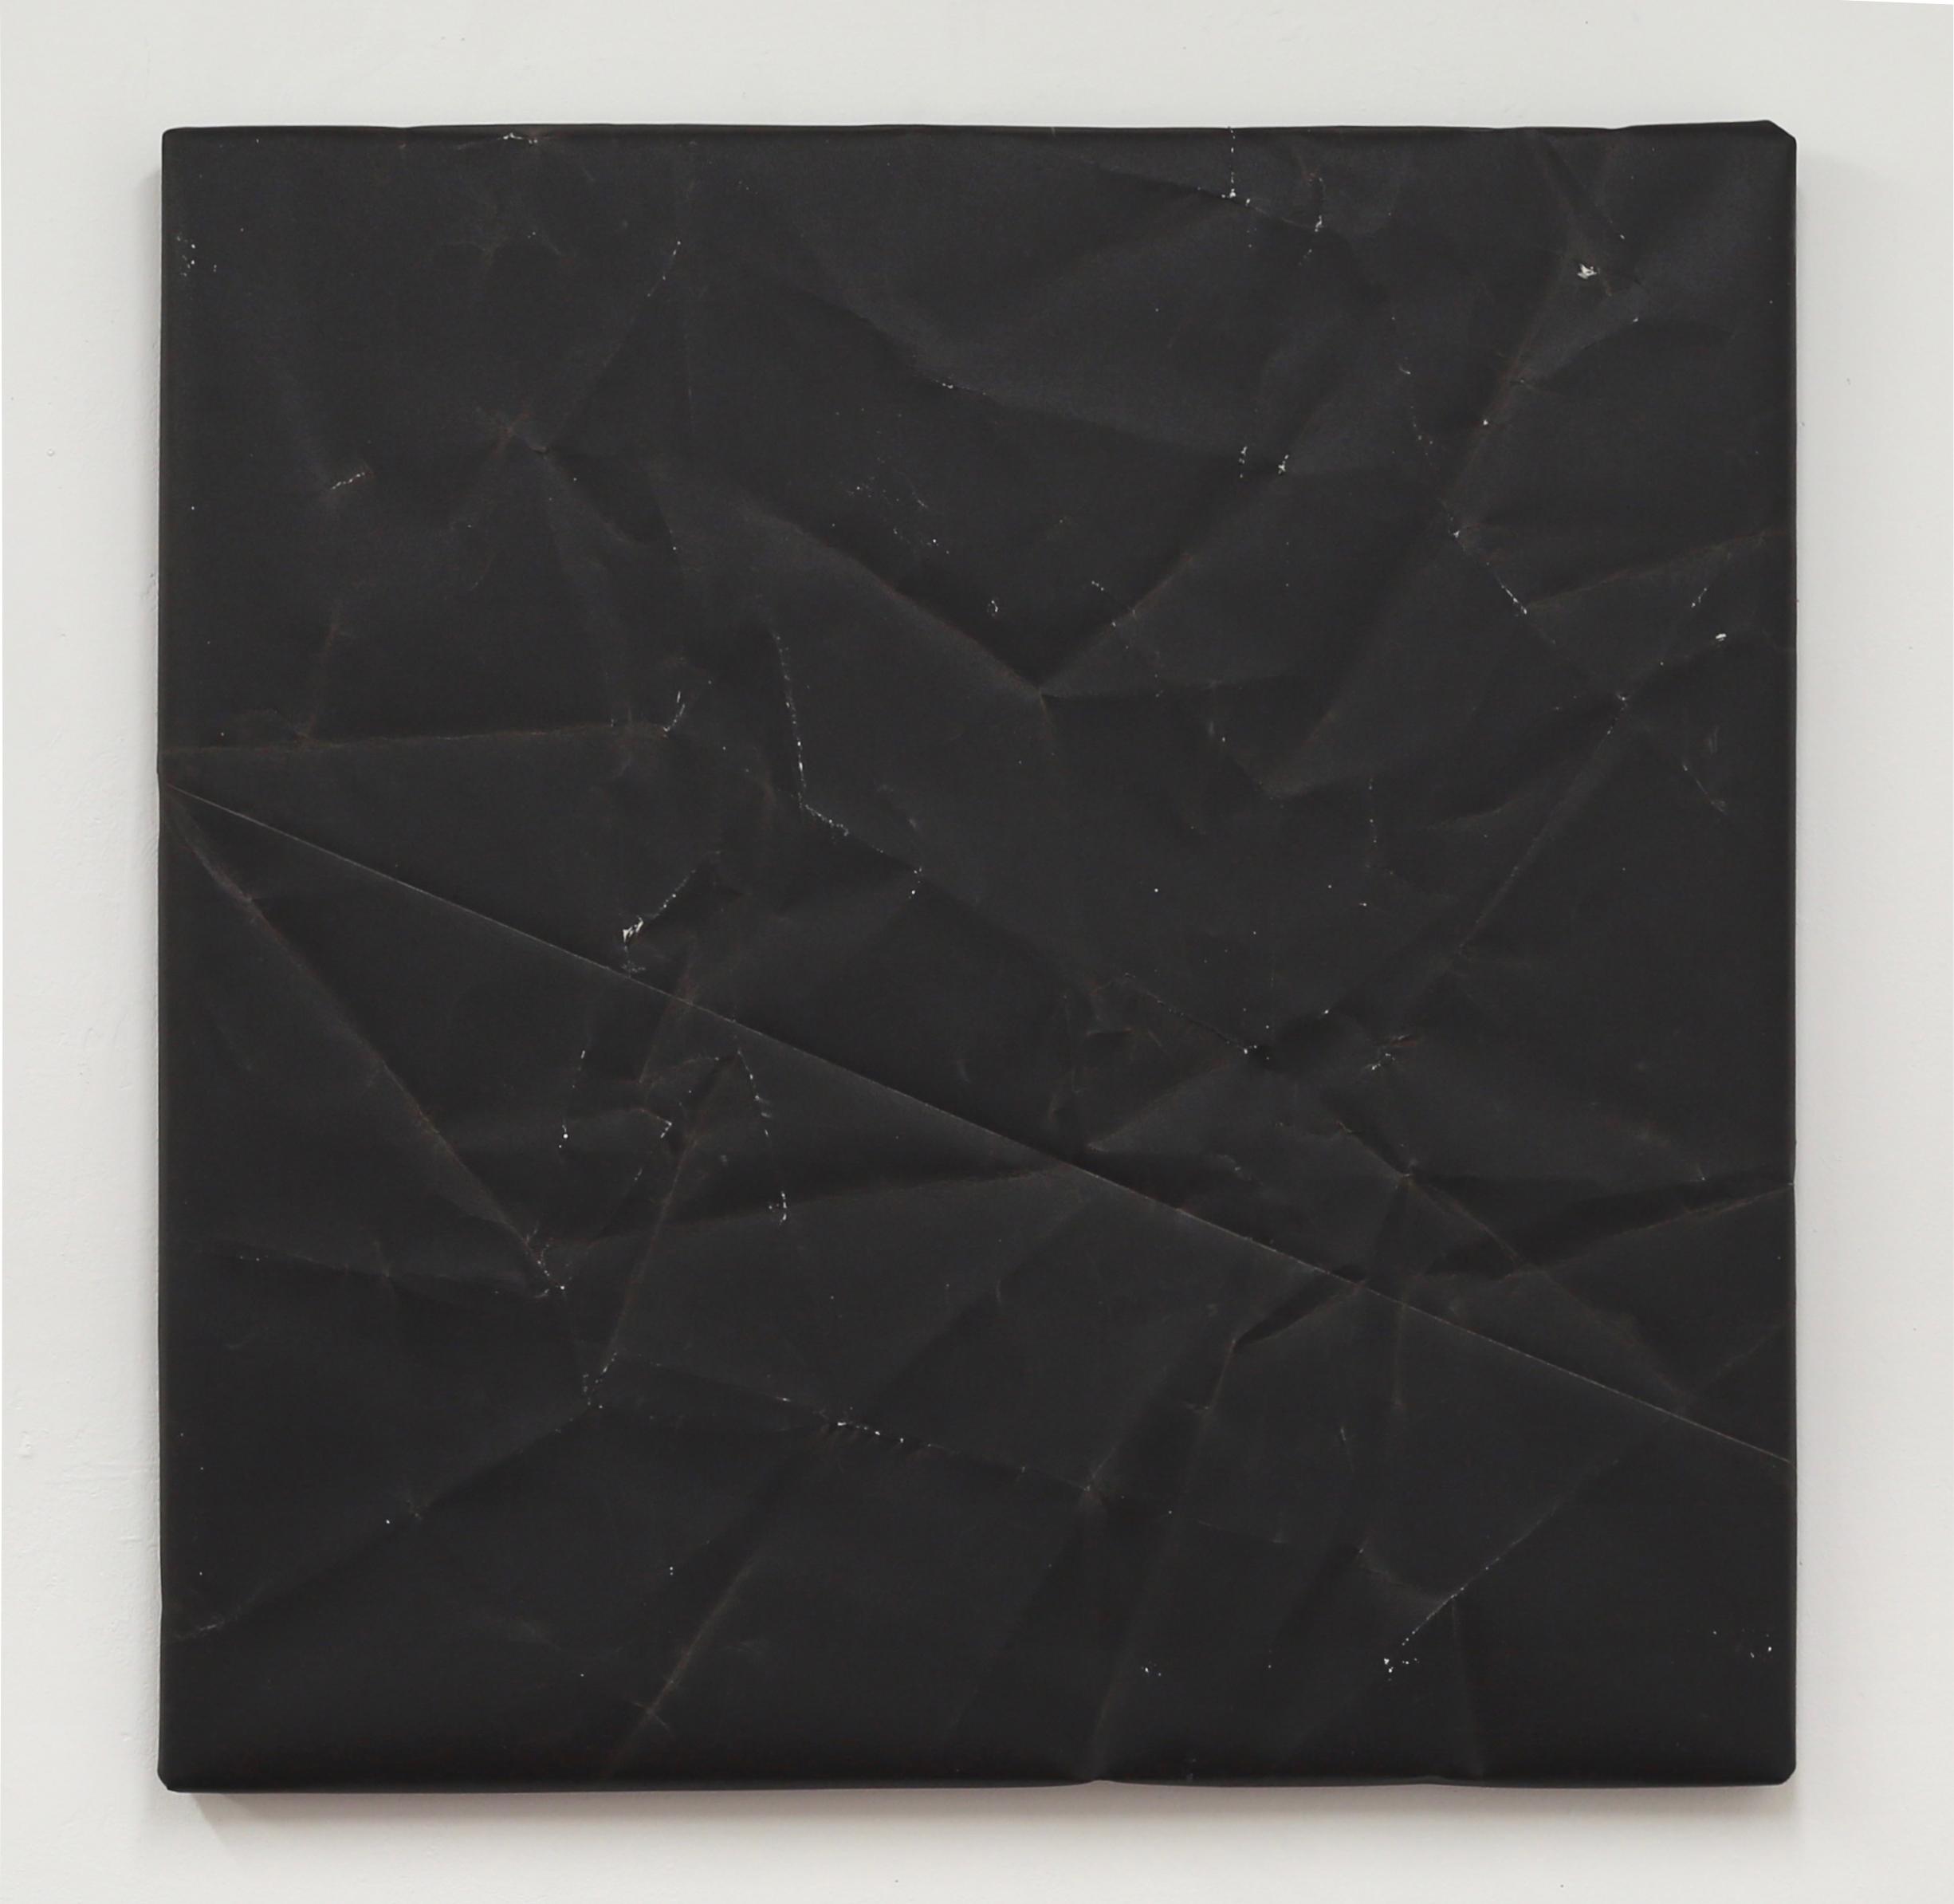 Untitled (Black, 150 Grit)